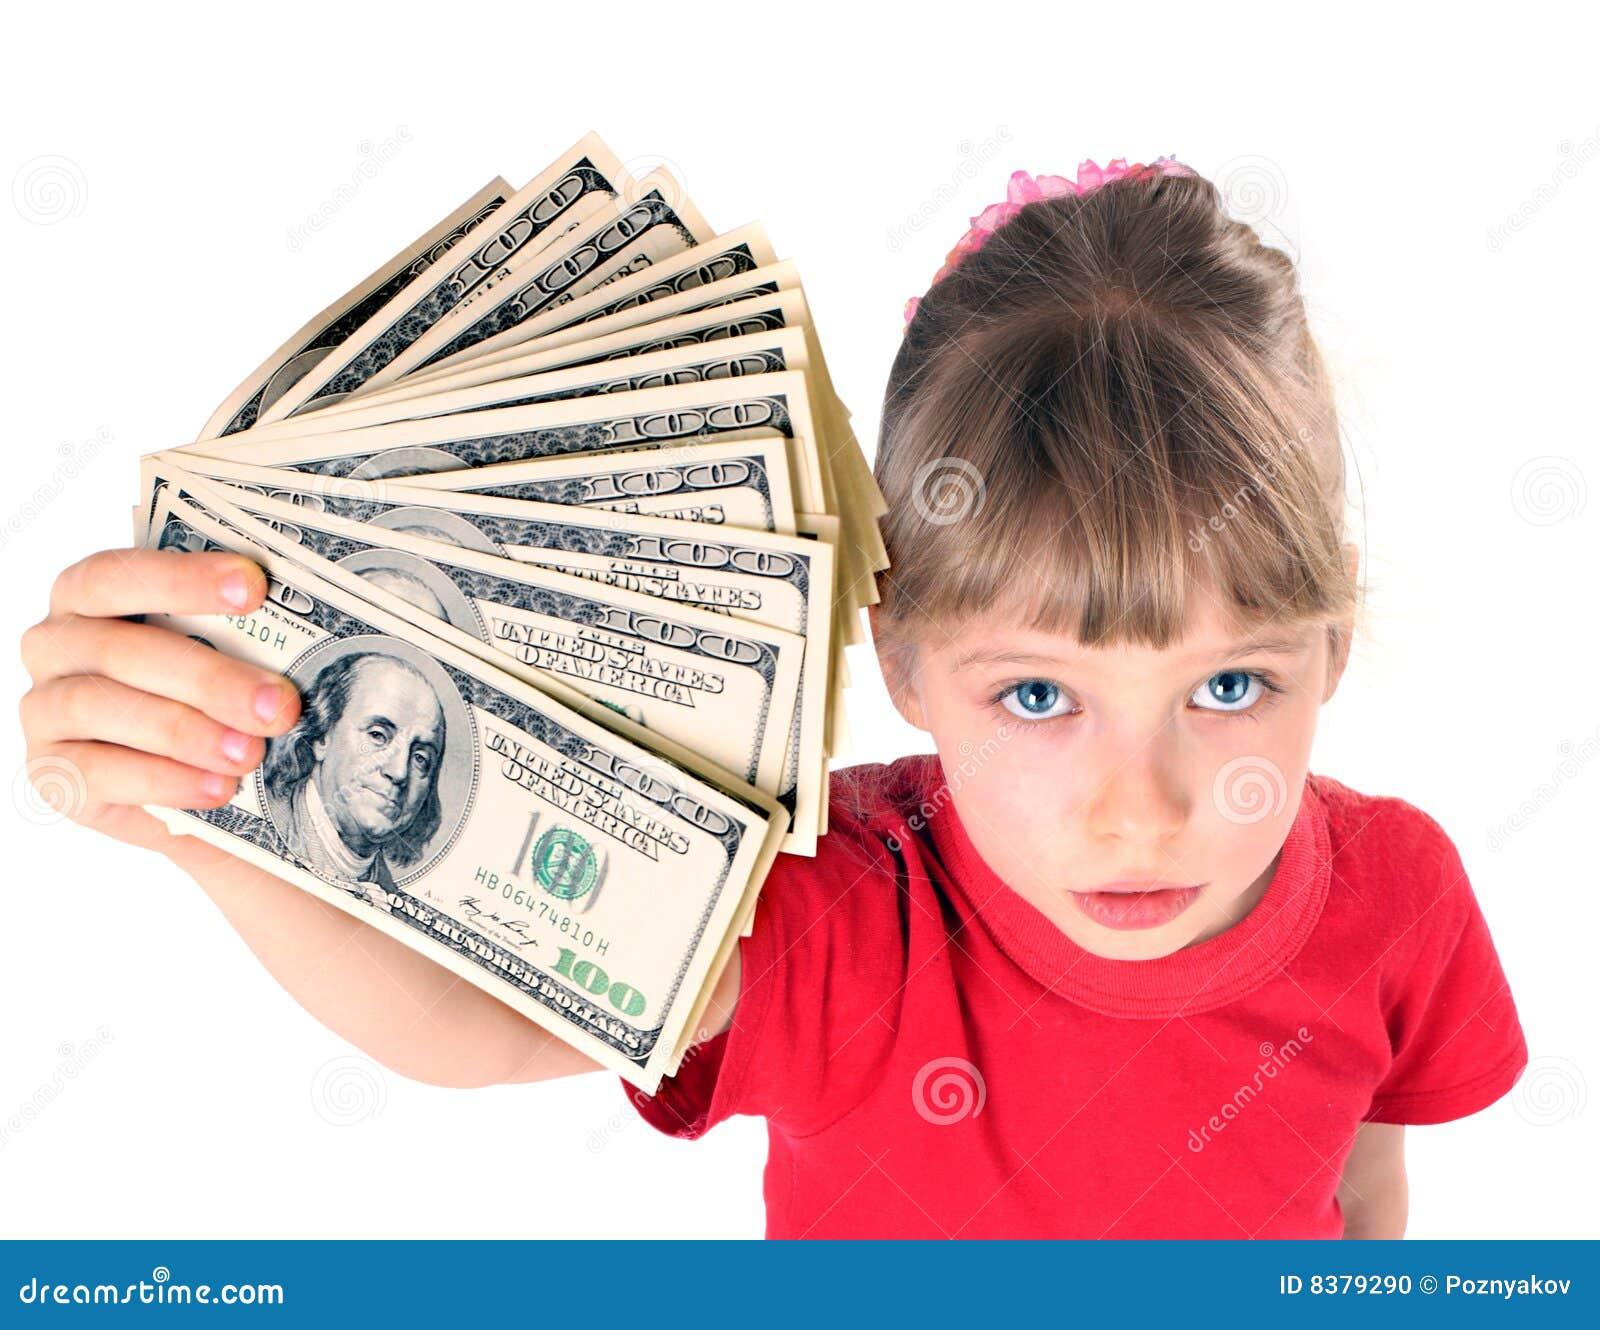 Министерство образования запретило родительским комитетам собирать деньги 58